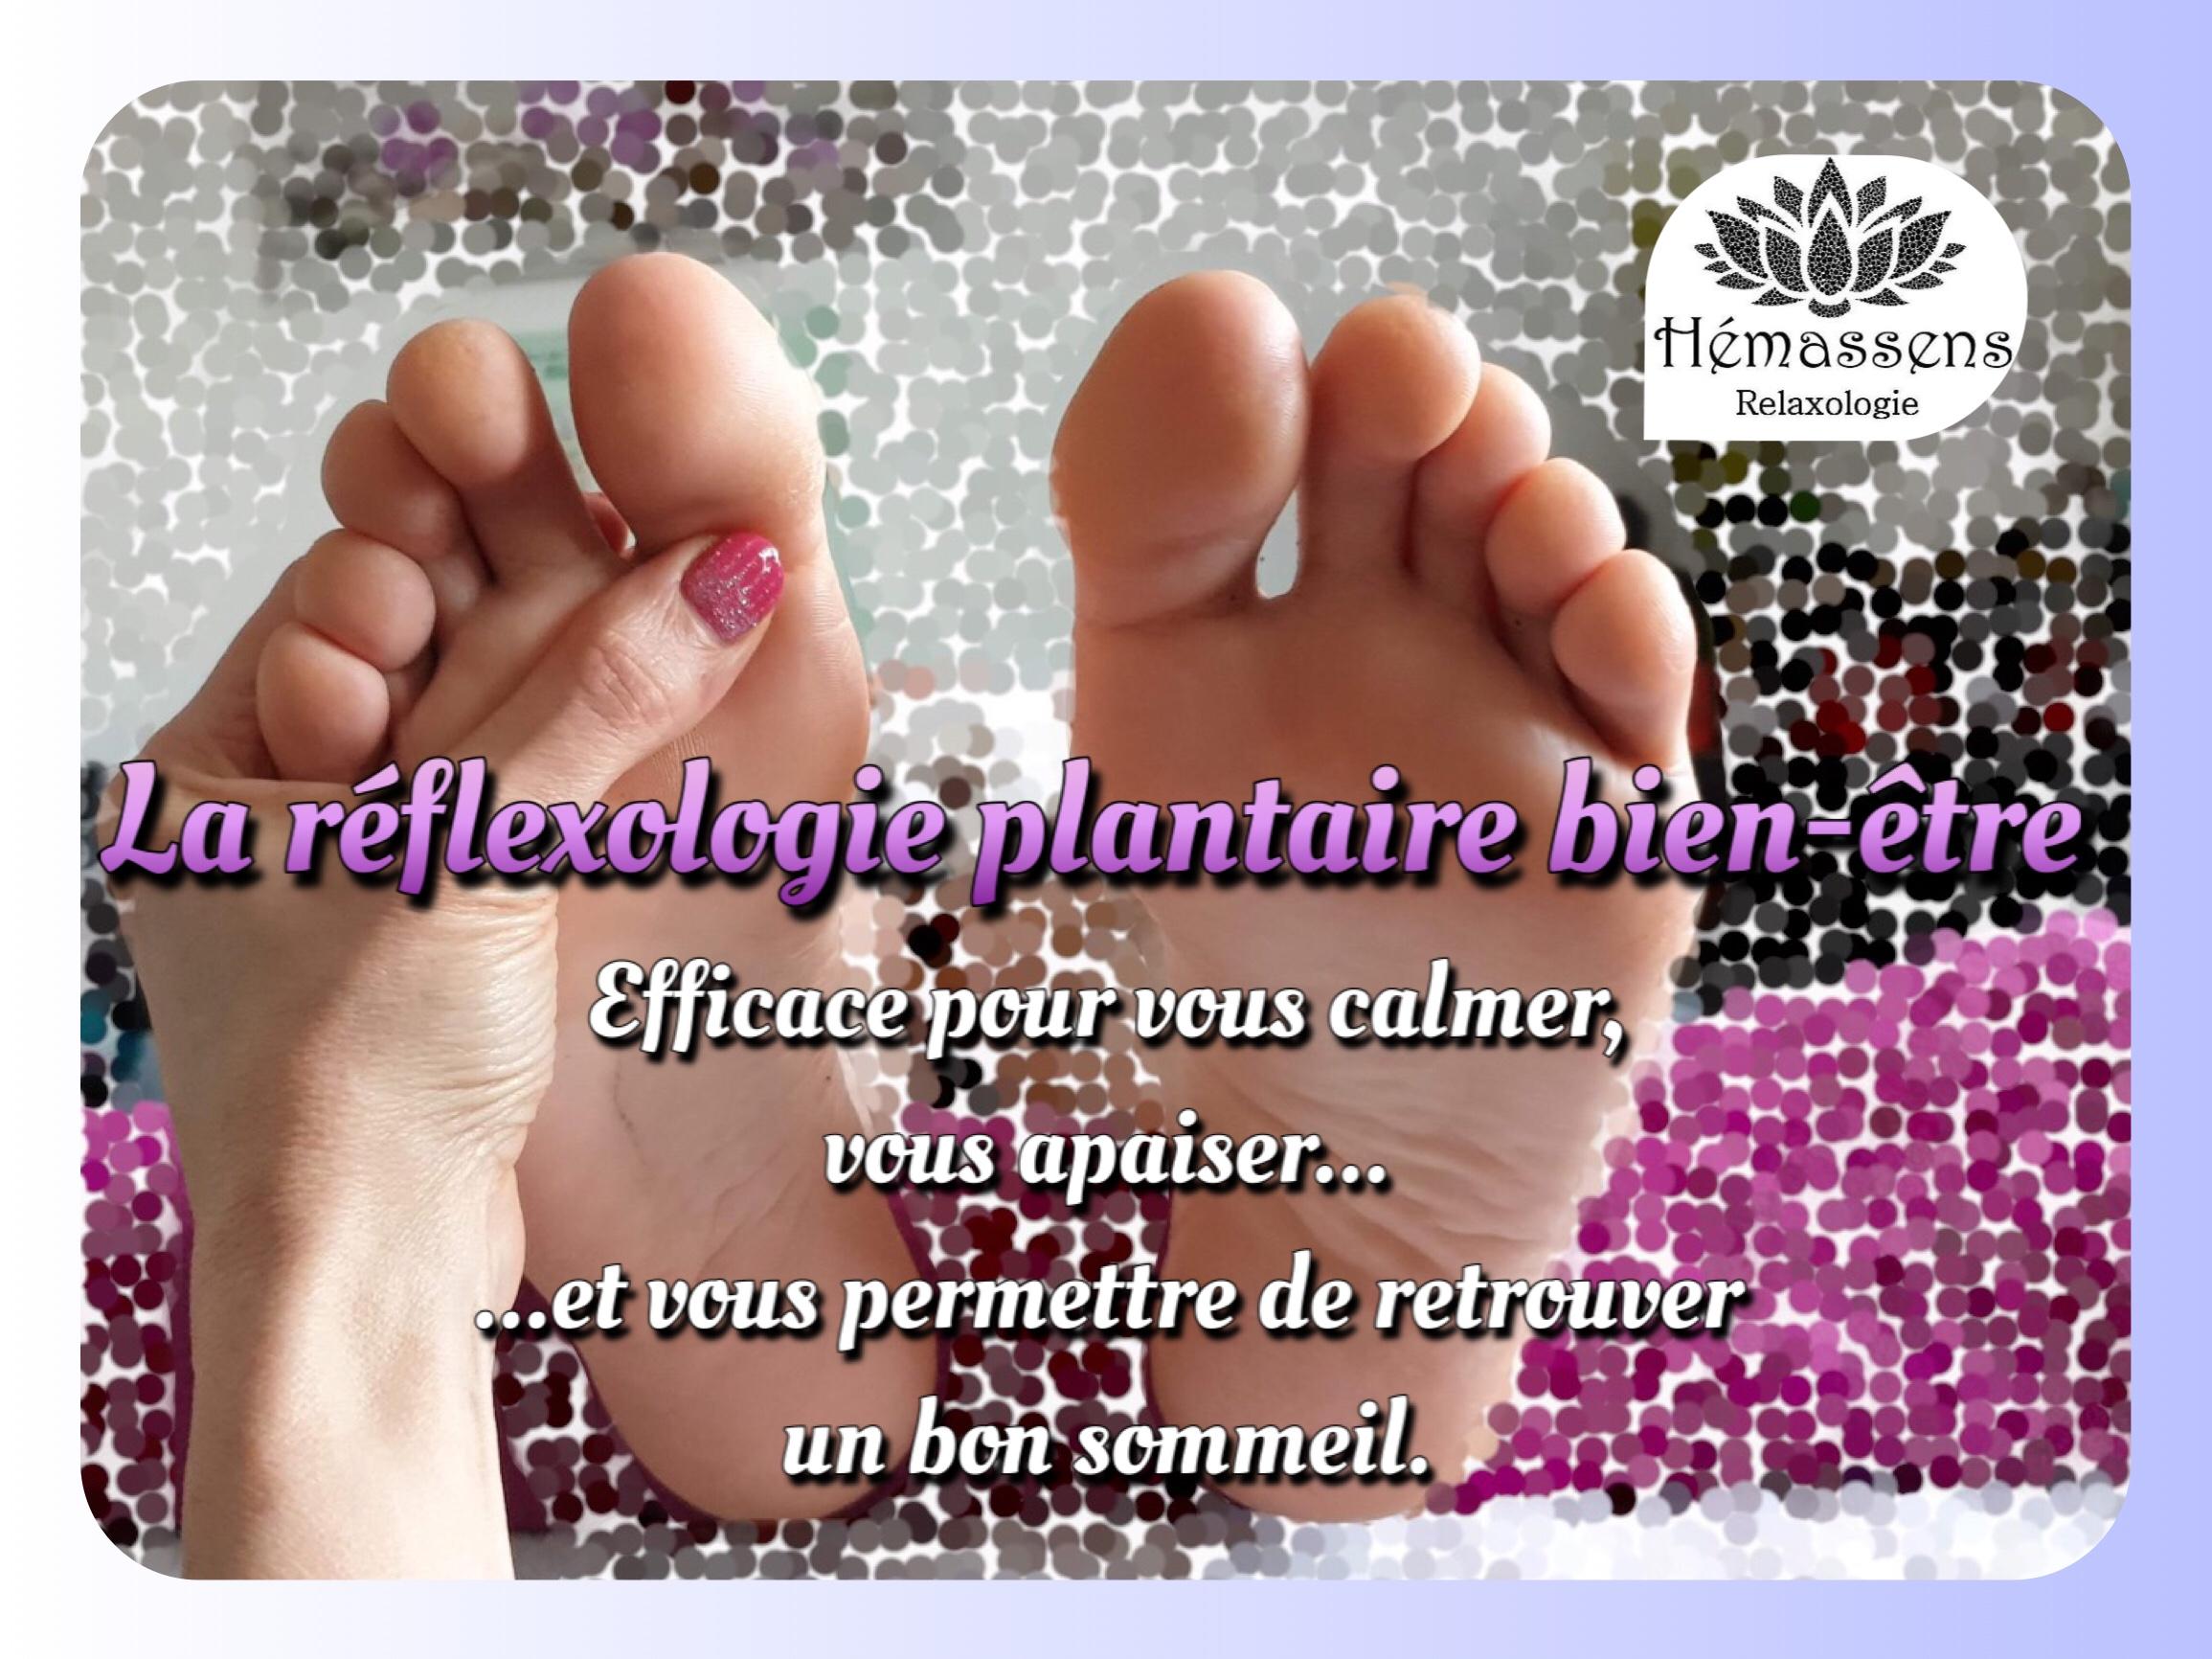 Réflexologie plantaire bien-être